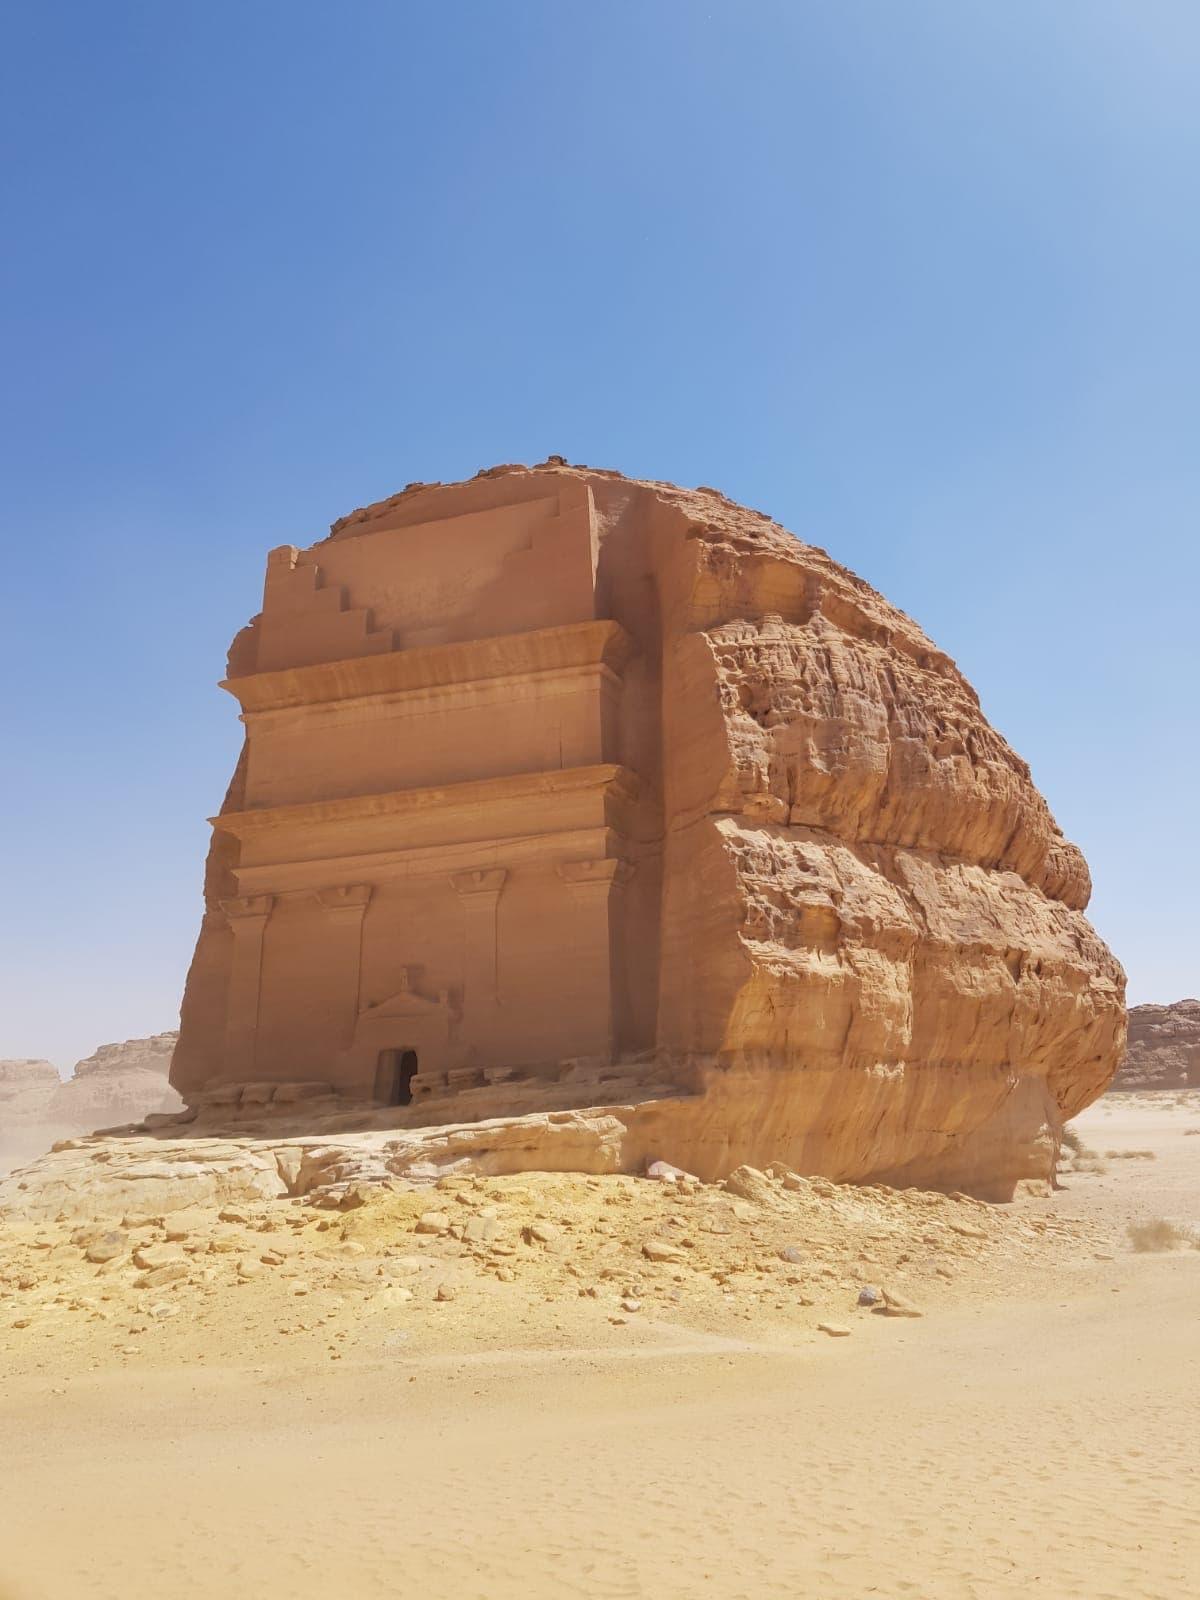 Ausgrabungsstätte Hegra in Saudi-Arabien